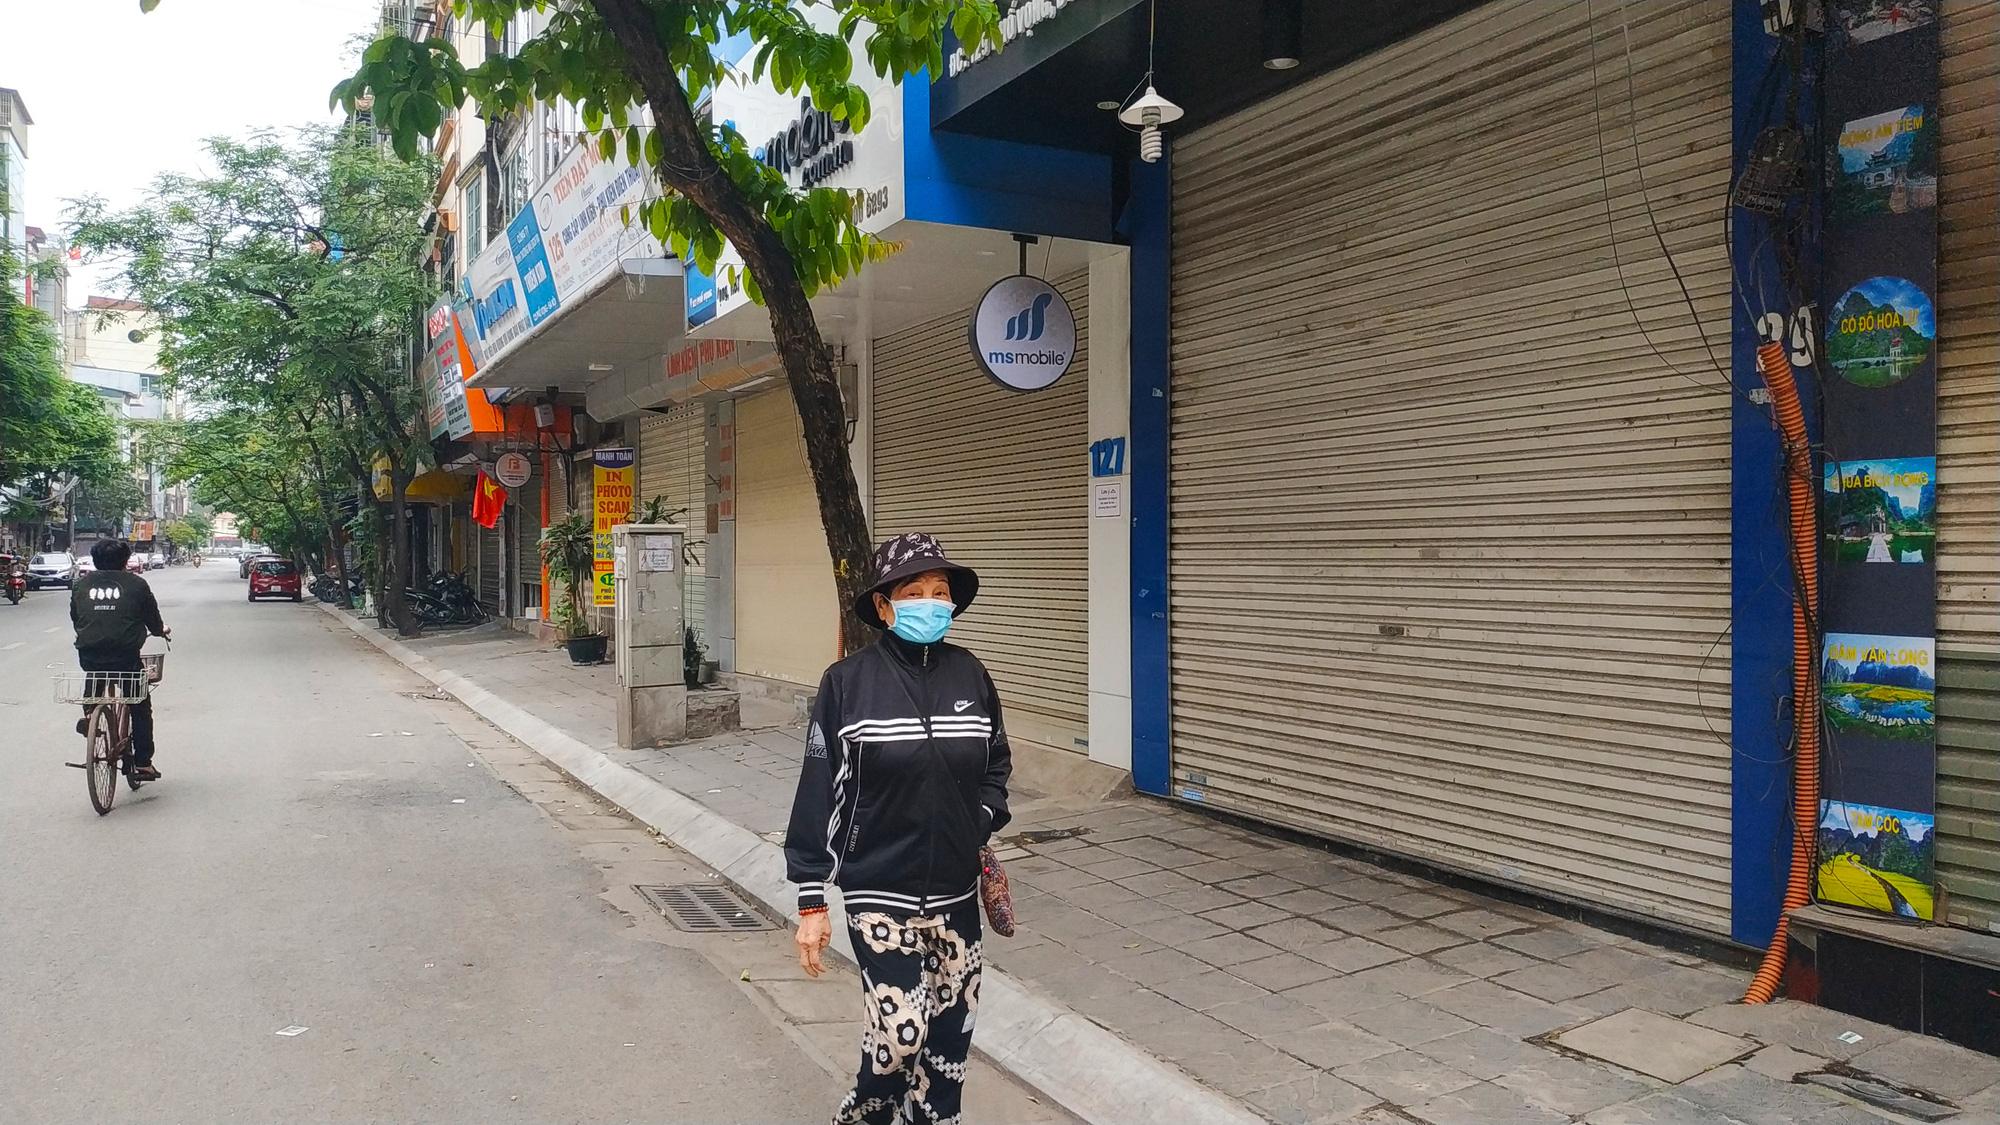 Đại dịch ập đến: Doanh nghiệp Việt định vung tiền mua cổ phiếu quĩ, công ty Mỹ co cụm phòng thủ - Ảnh 1.